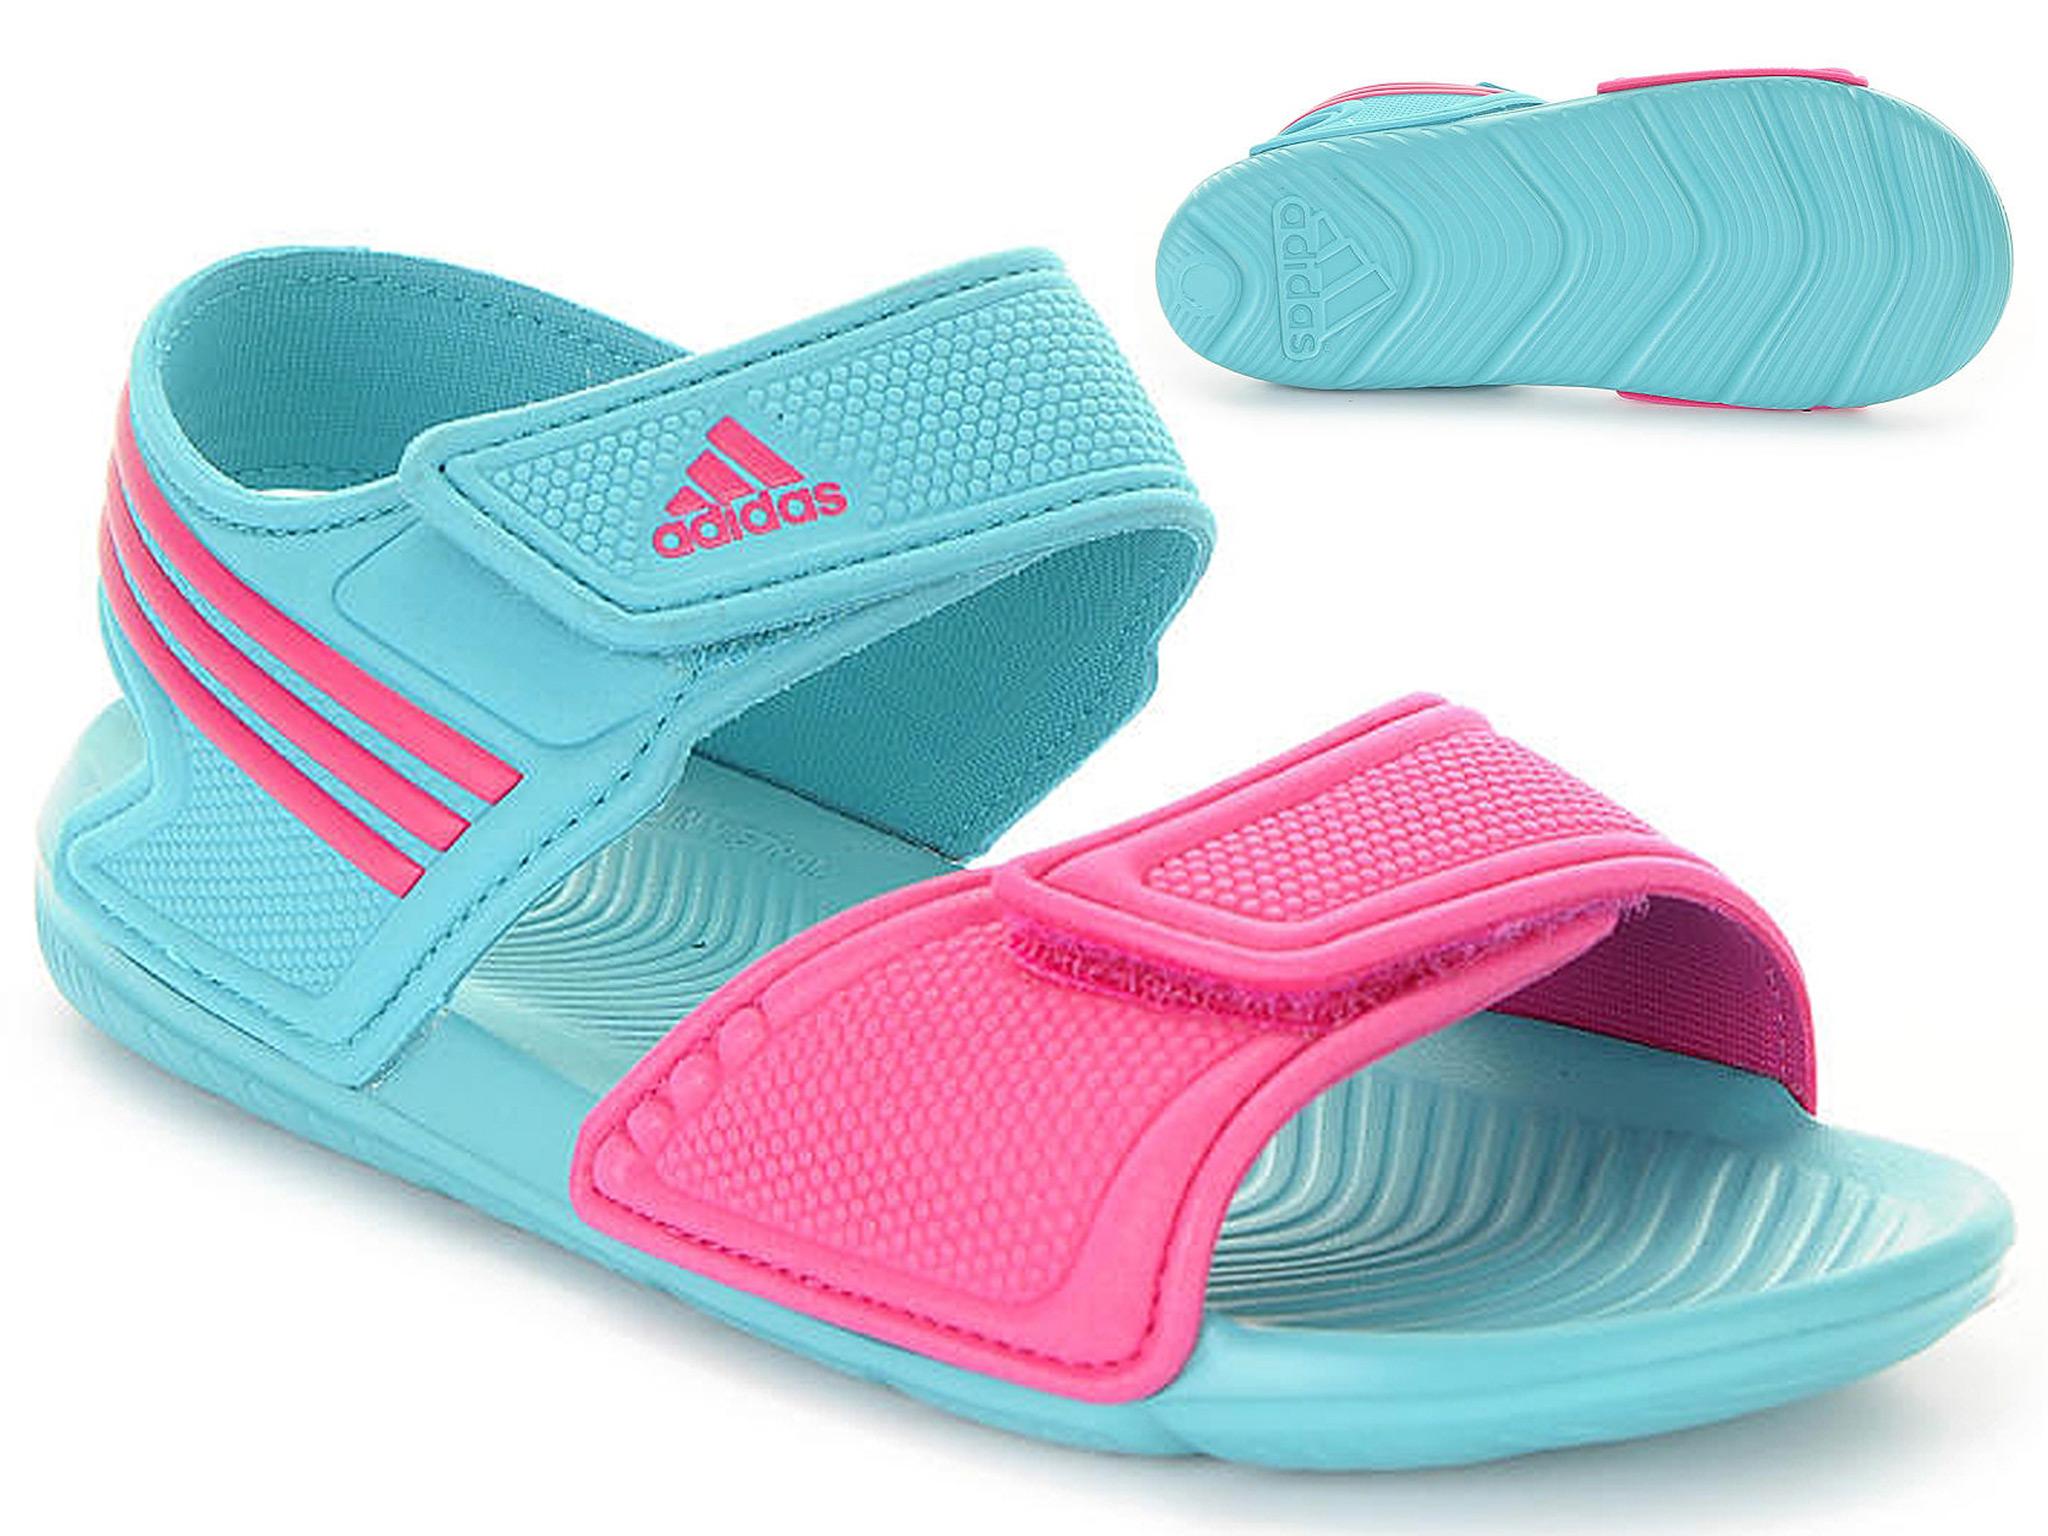 1e83c53c84a35 Adidas - Sandały Dziecięce - Akwah 9 K AF3872 -33 - 6851059219 ...